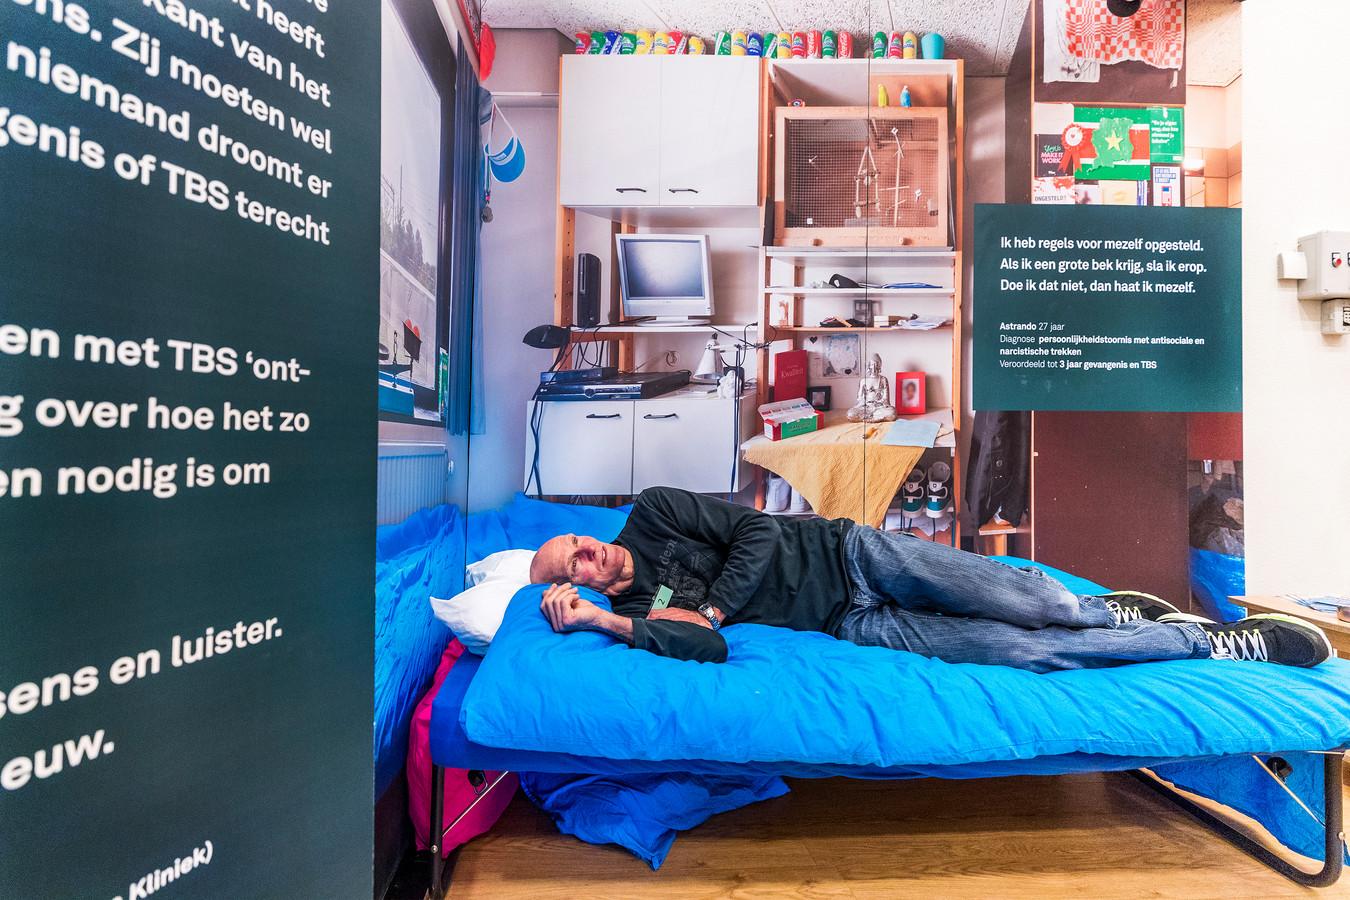 Bezoeker Jan van der Hoven probeert een bed uit in een proefkamer in de ontvangstzaal.